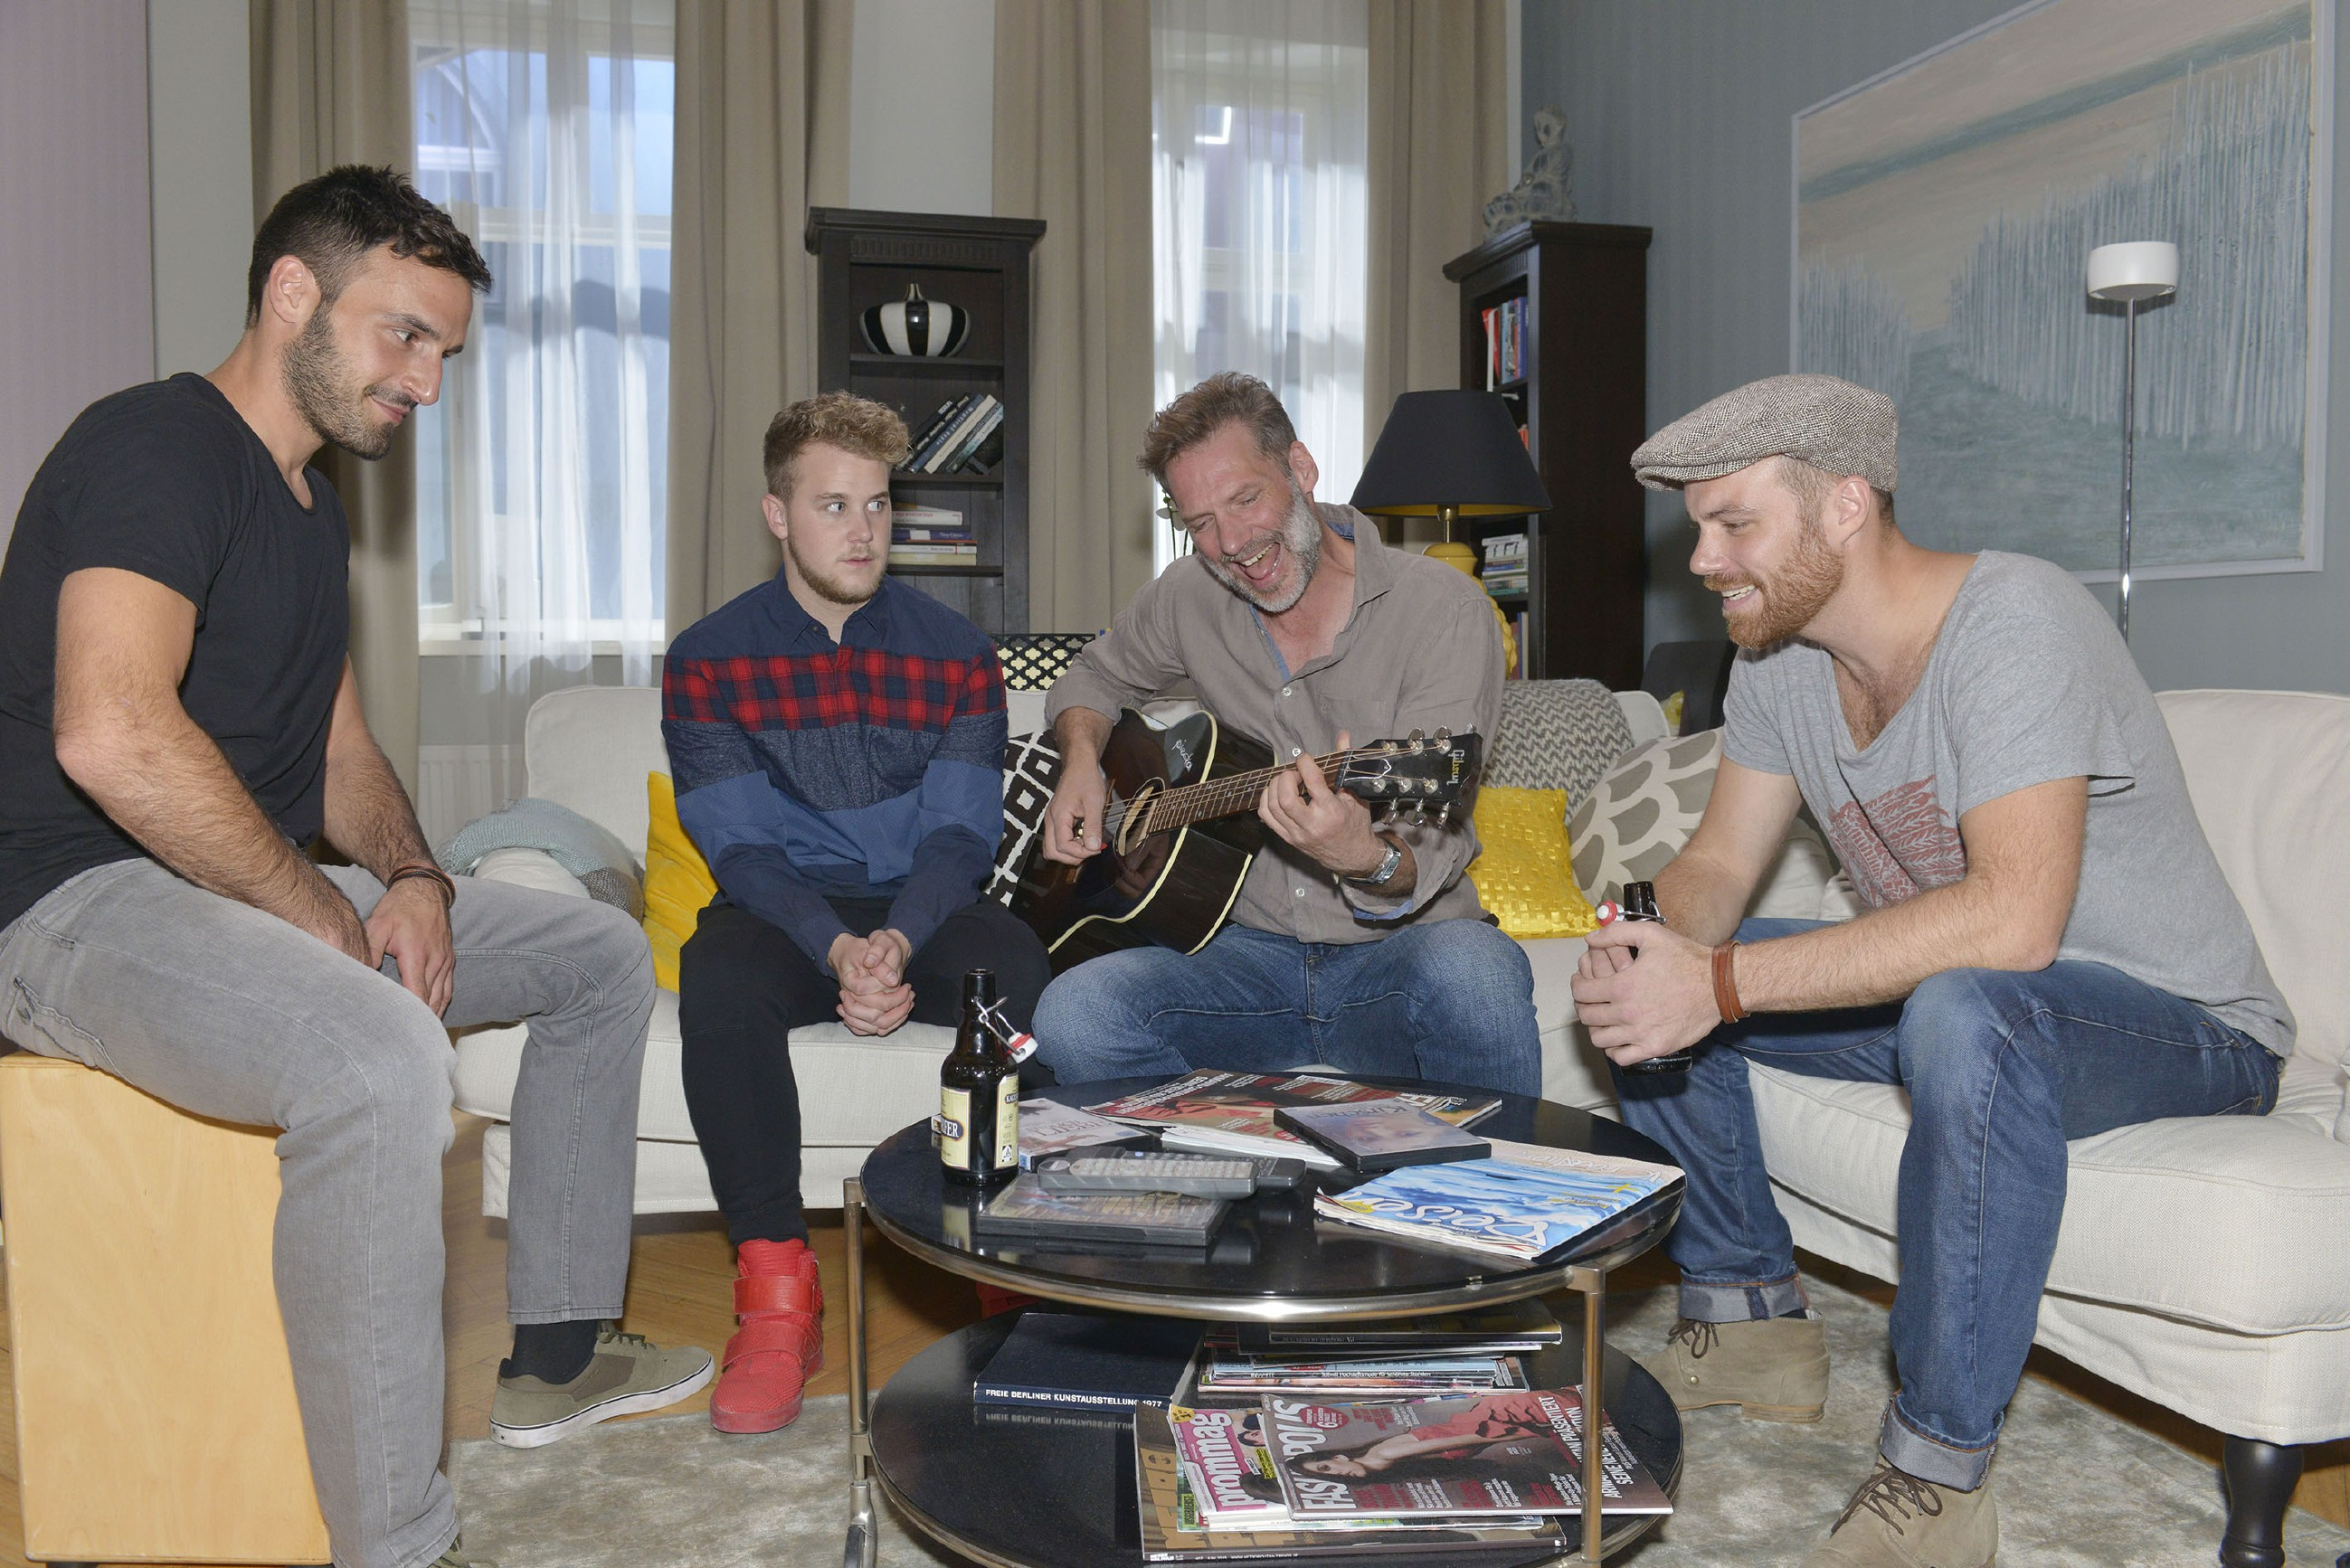 Als die Piesk-Bandmitglieder Ben (l.) und Berni (r.) spontan mit Alexander (Clemens Löhr, 2.v.r.) jammen, ist das Jonas (Felix van Deventer) eher peinlich. (Quelle: RTL / Rolf Baumgartner)